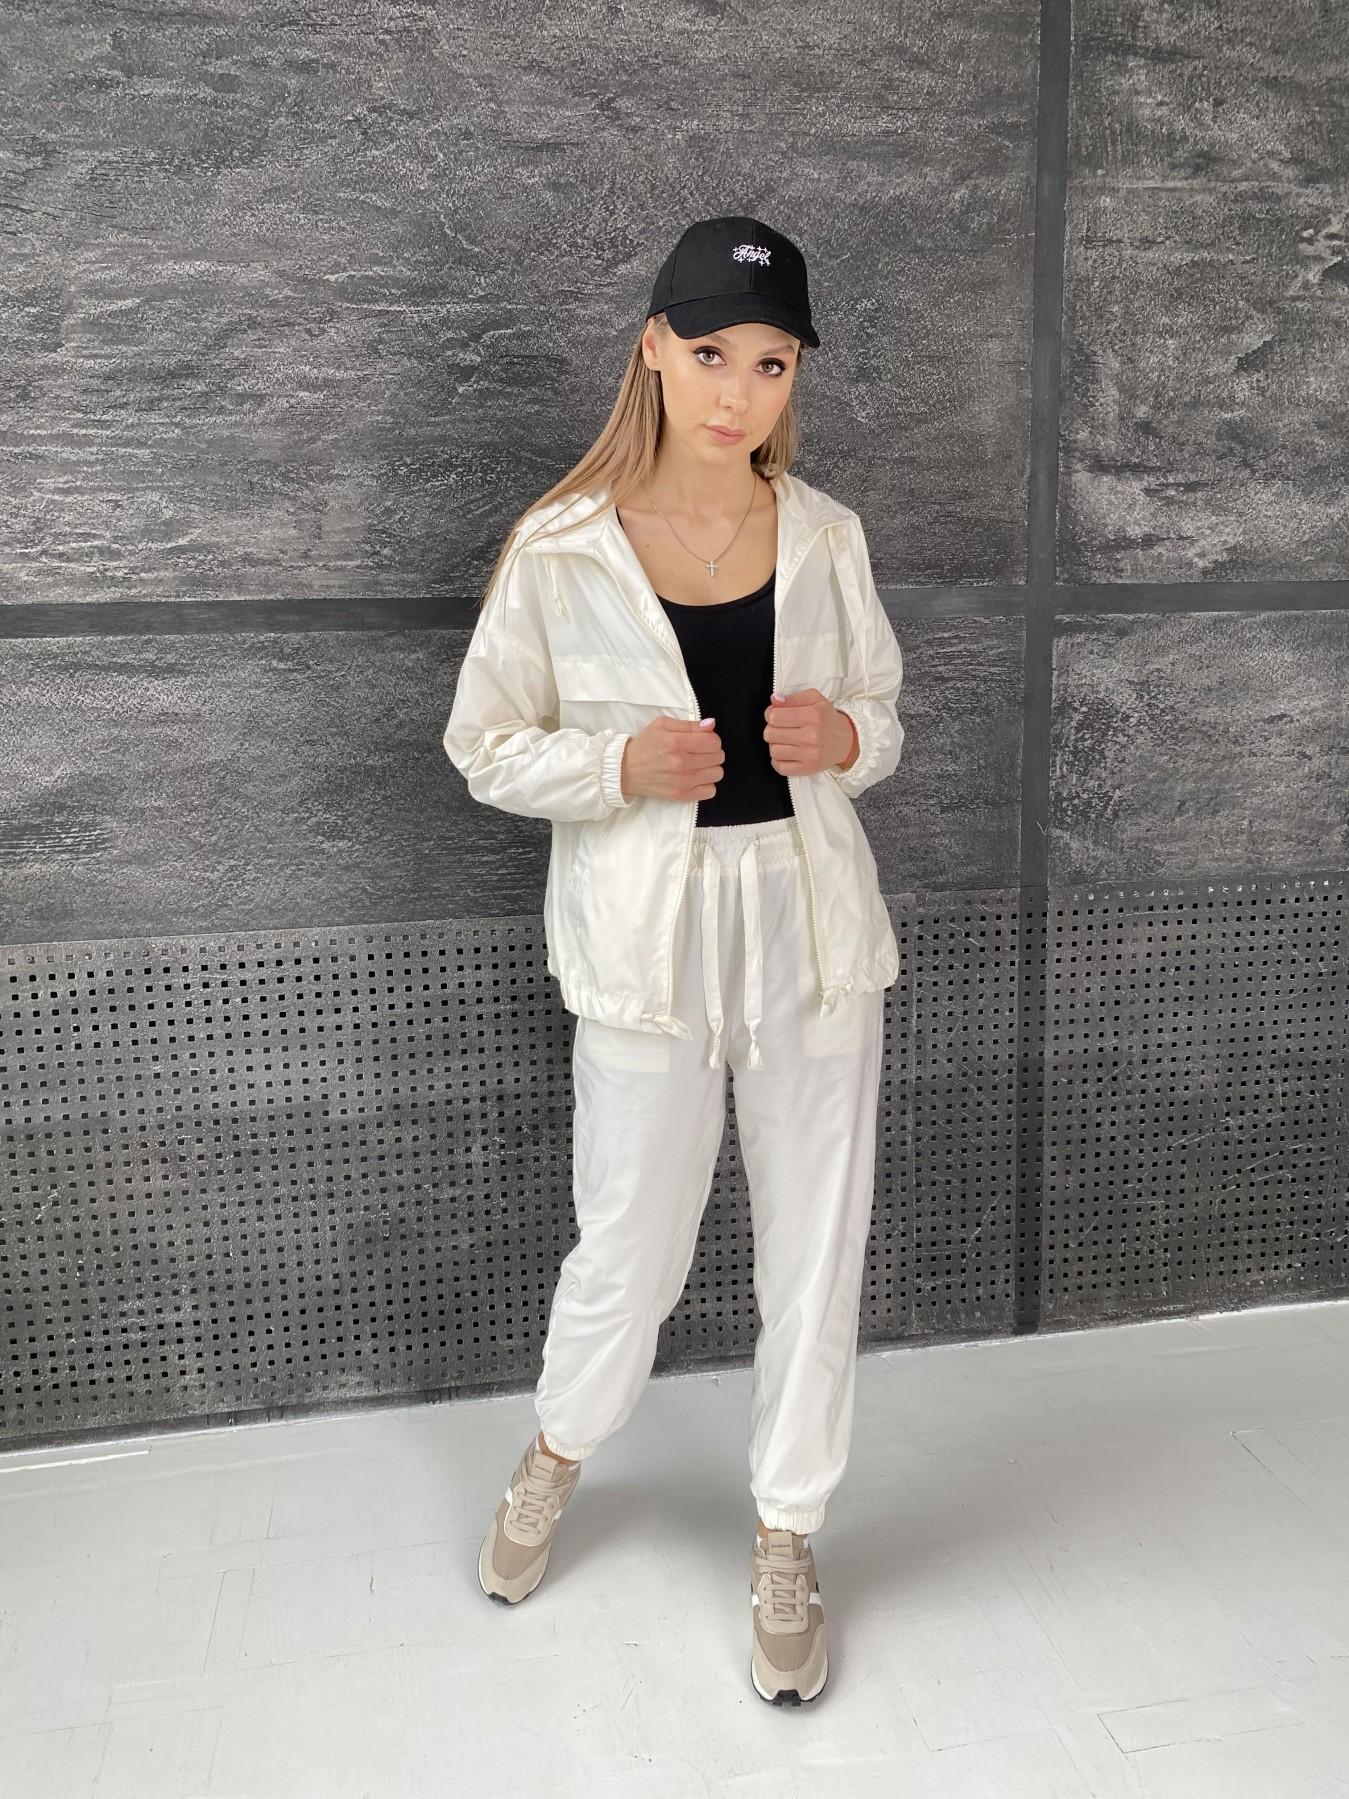 Фит костюм из плащевой ткани 11048 АРТ. 47533 Цвет: Молоко - фото 2, интернет магазин tm-modus.ru